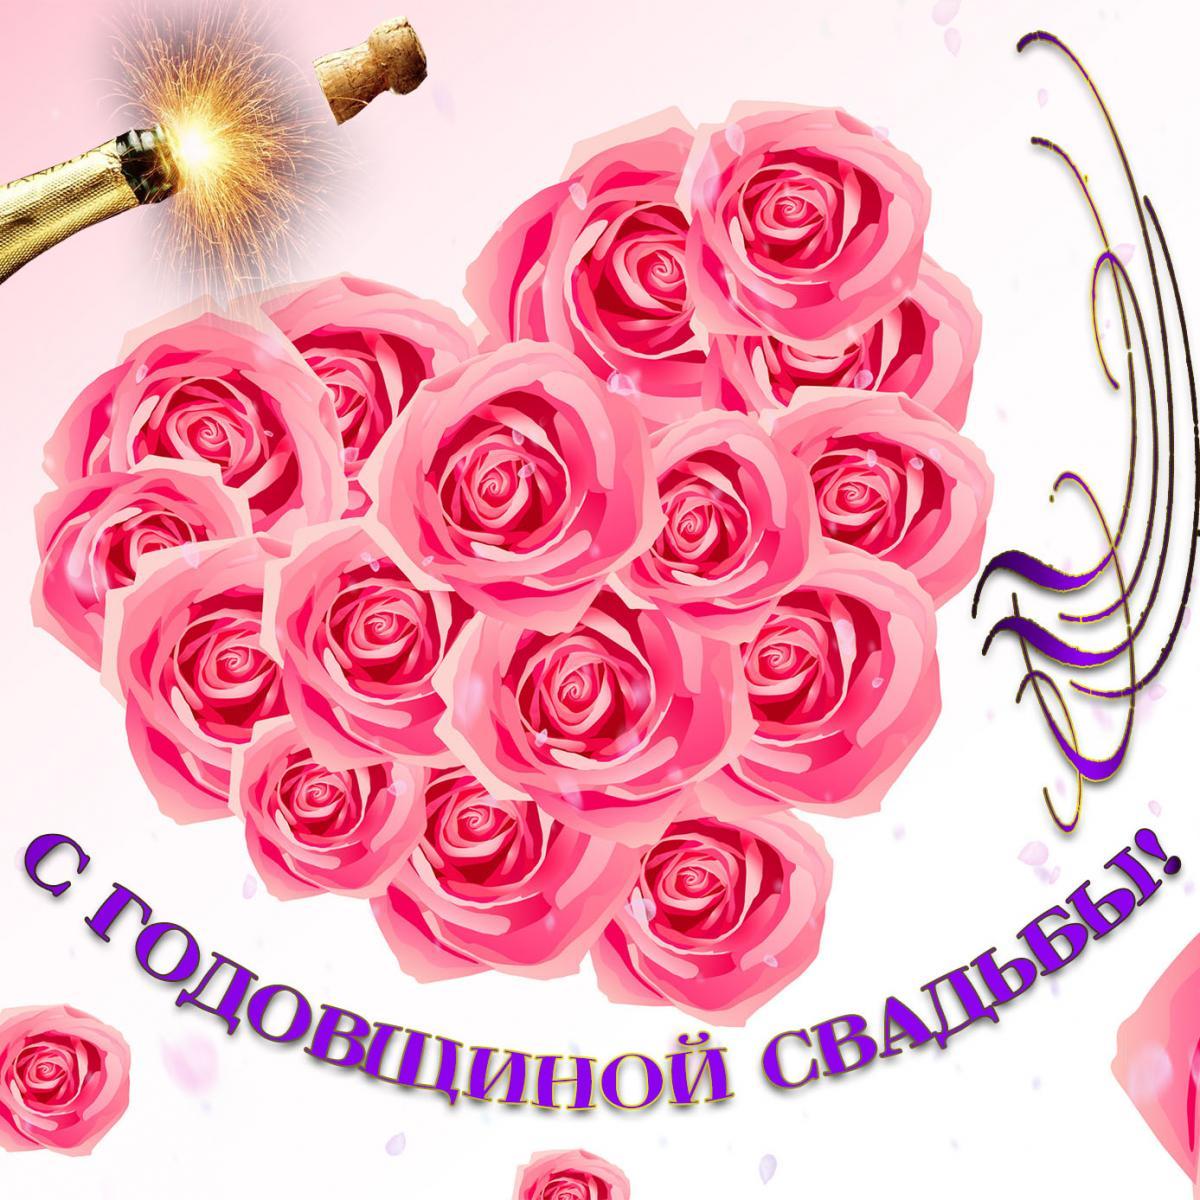 Поздравления с годовщиной свадьбы / фото cardrise.ru